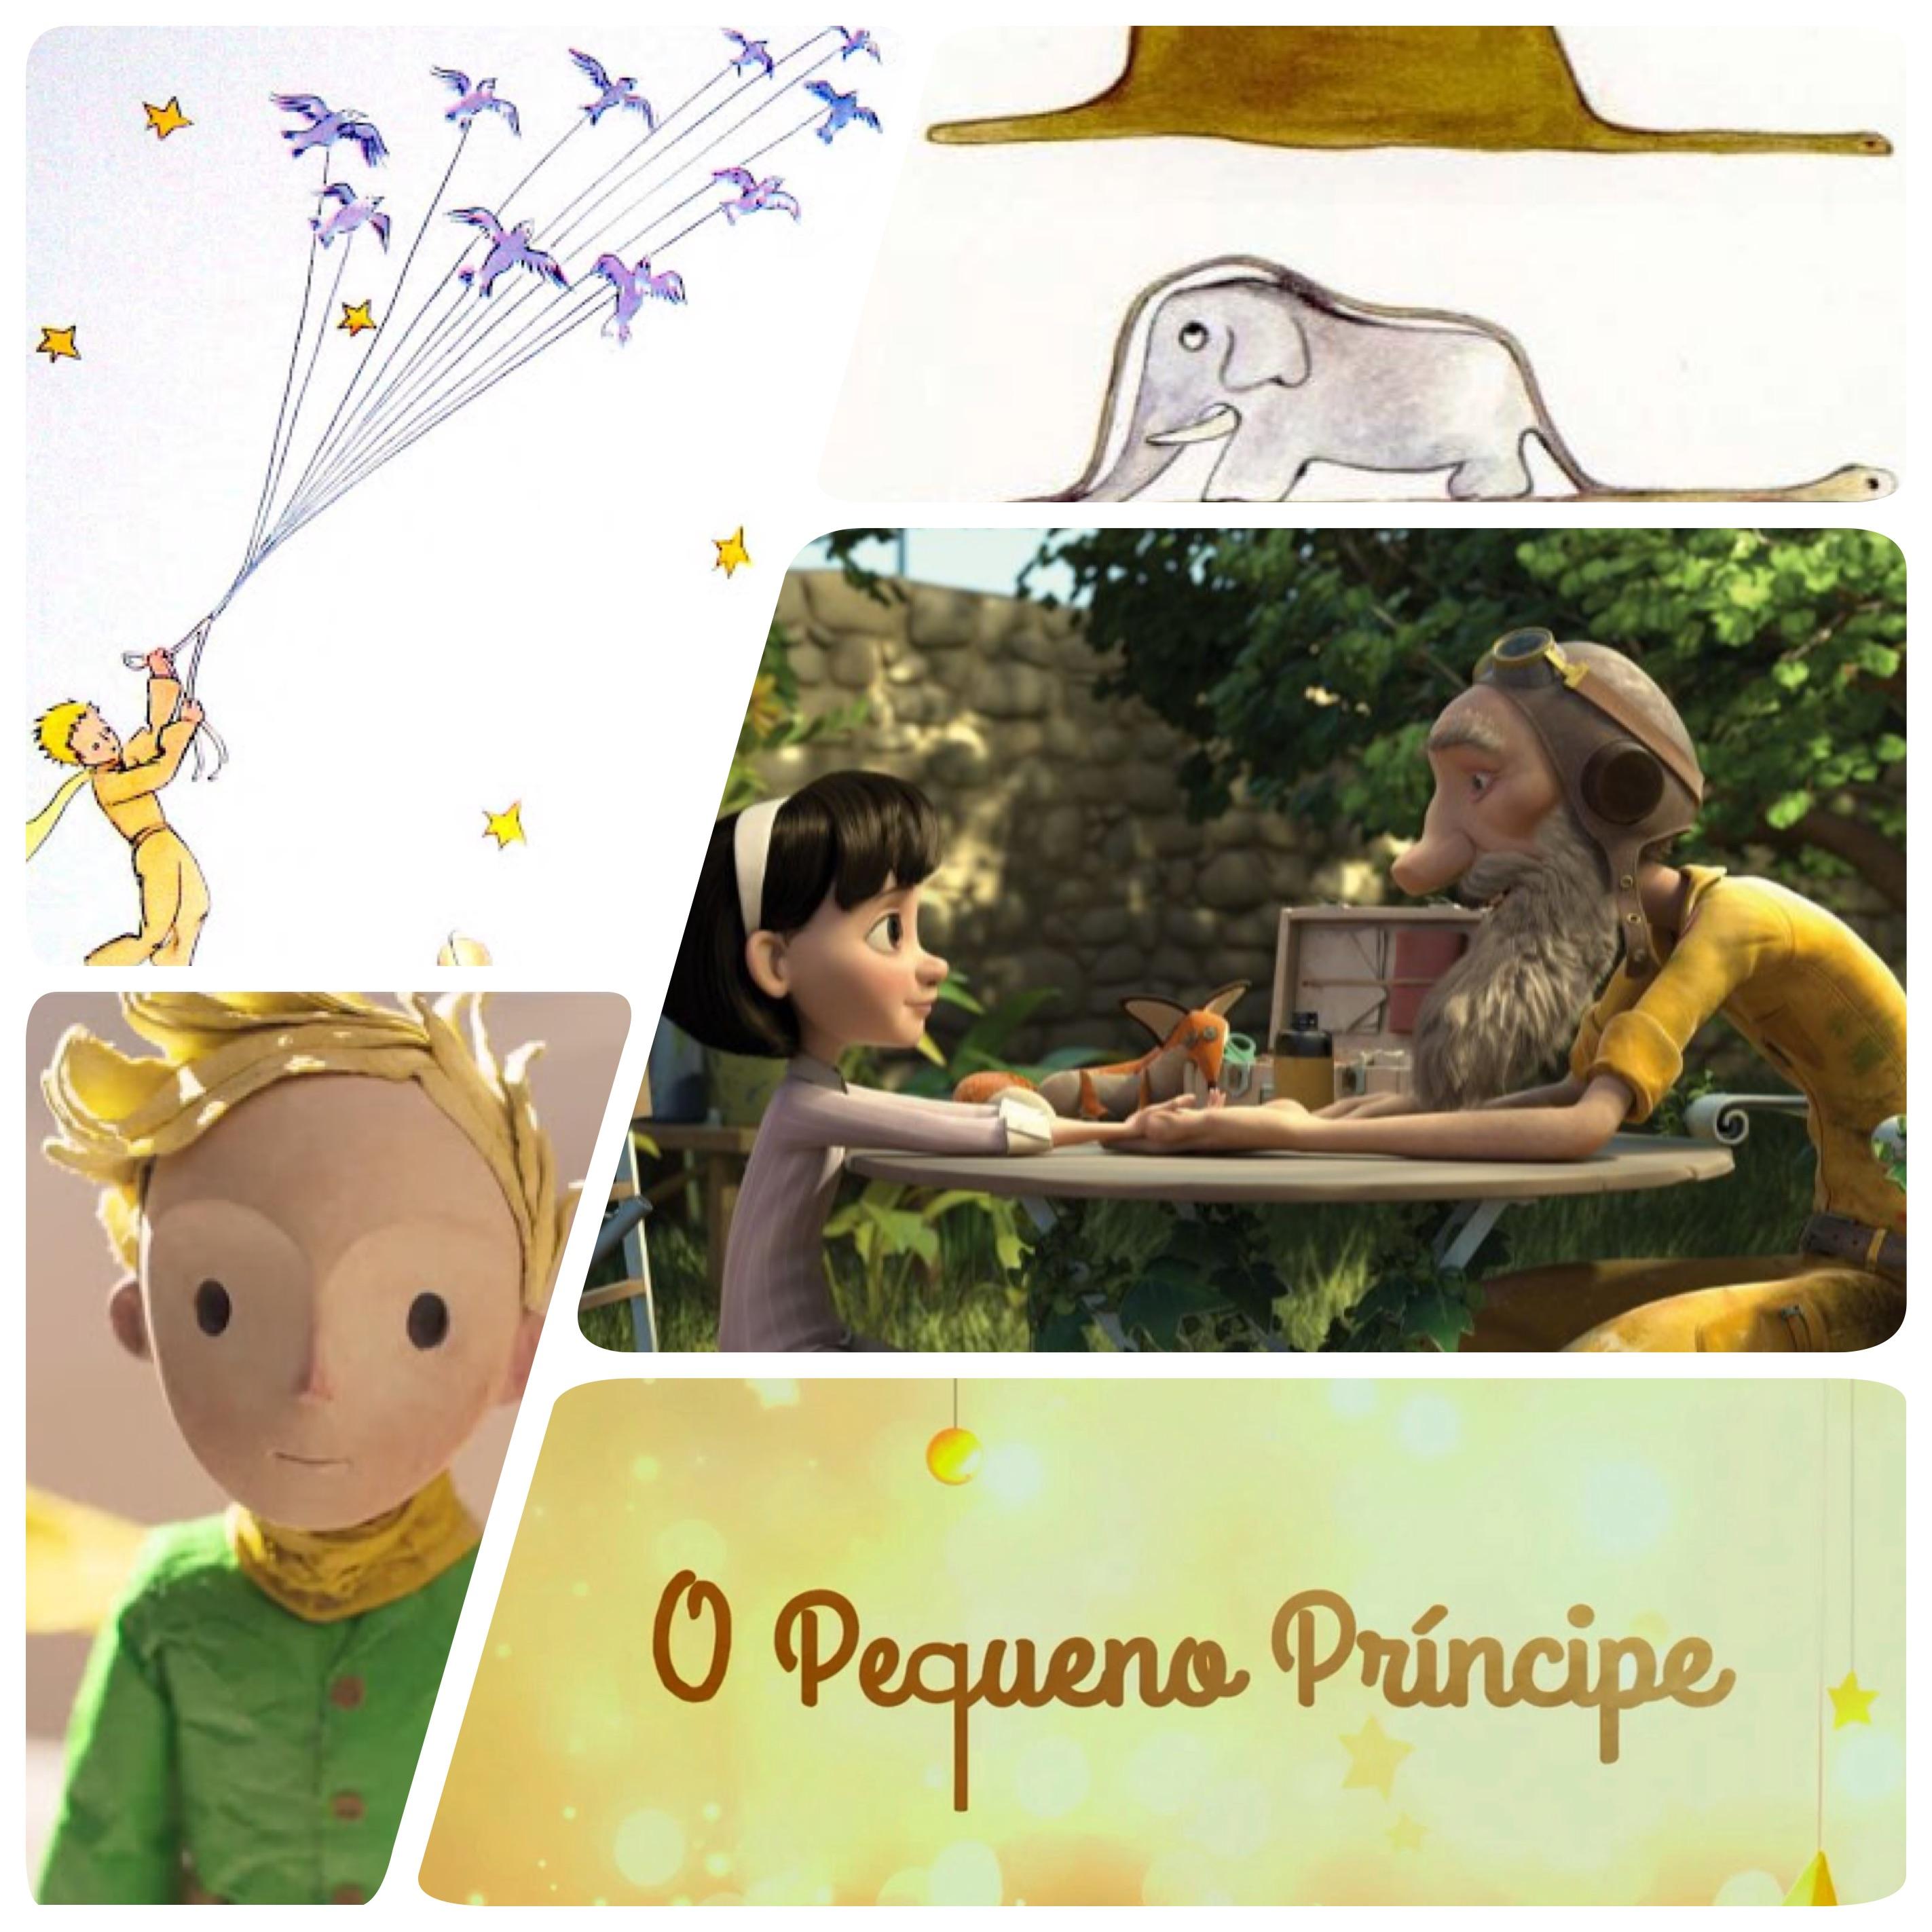 Filme O Pequeno Principe 2015 in 20 o pequeno príncipe (2015) – 365 filmes em 365 dias